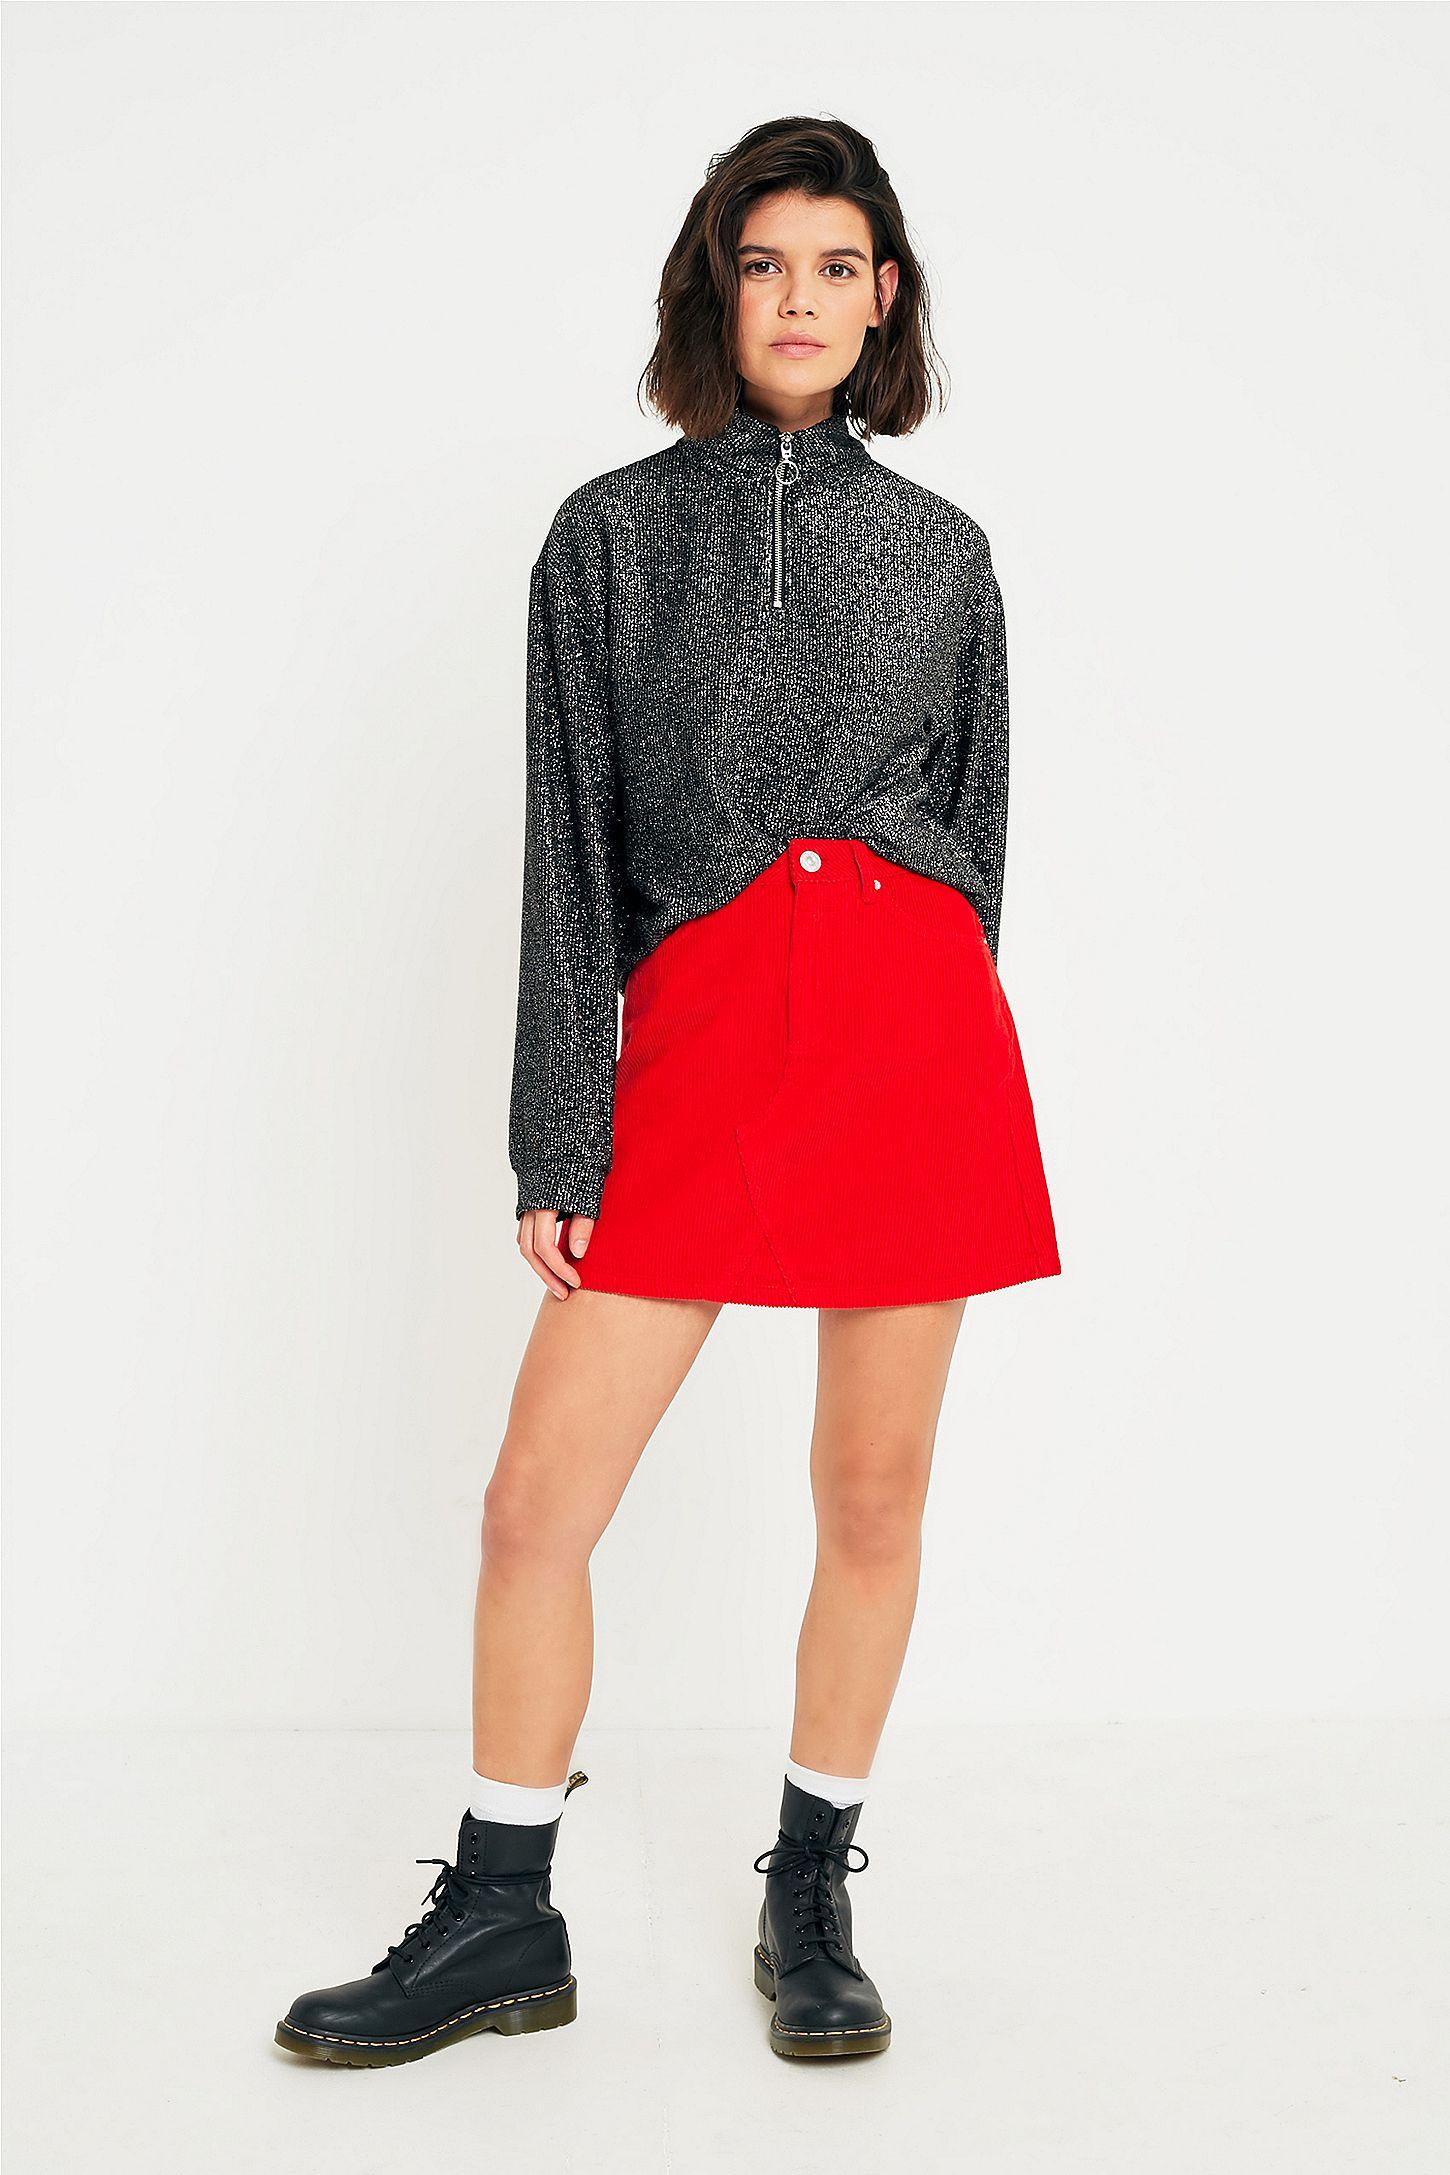 af04110af Red Corduroy Mini Skirt – DACC